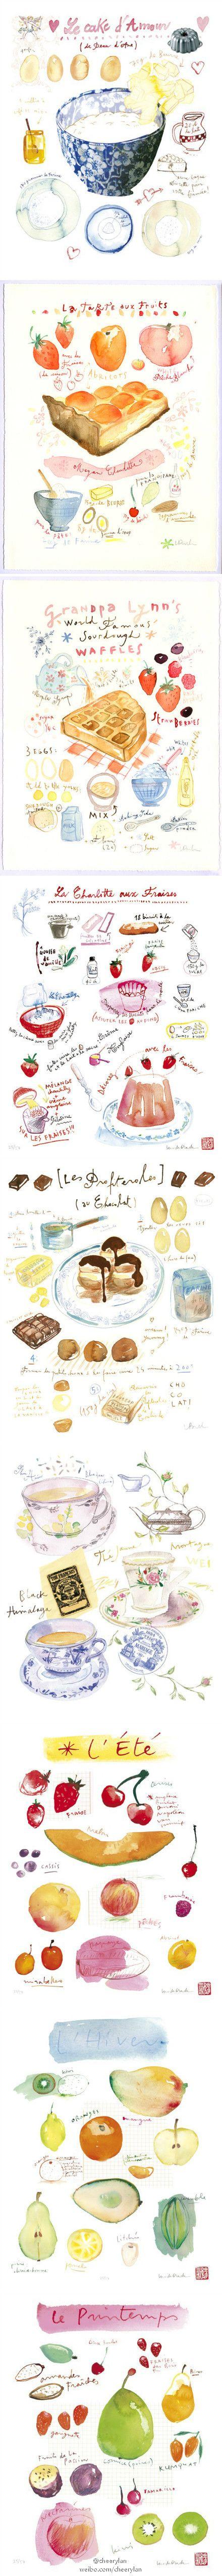 Watercolor recipes!